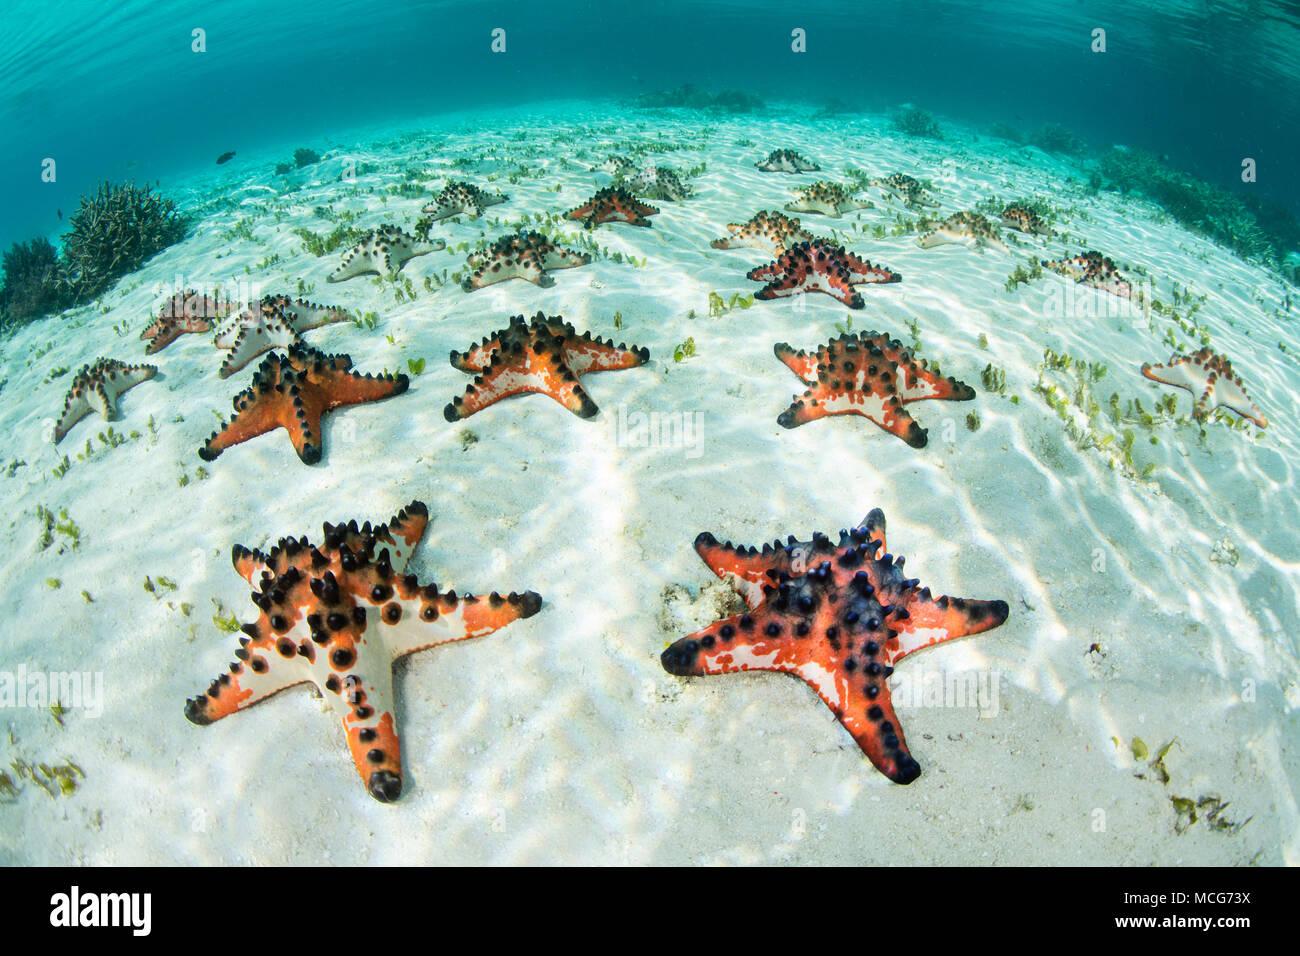 Colorato Chocolate Chip di stelle marine Protoreaster nodosus, coprire il fondale di sabbia di piante fanerogame prato in Raja Ampat, Indonesia. Immagini Stock